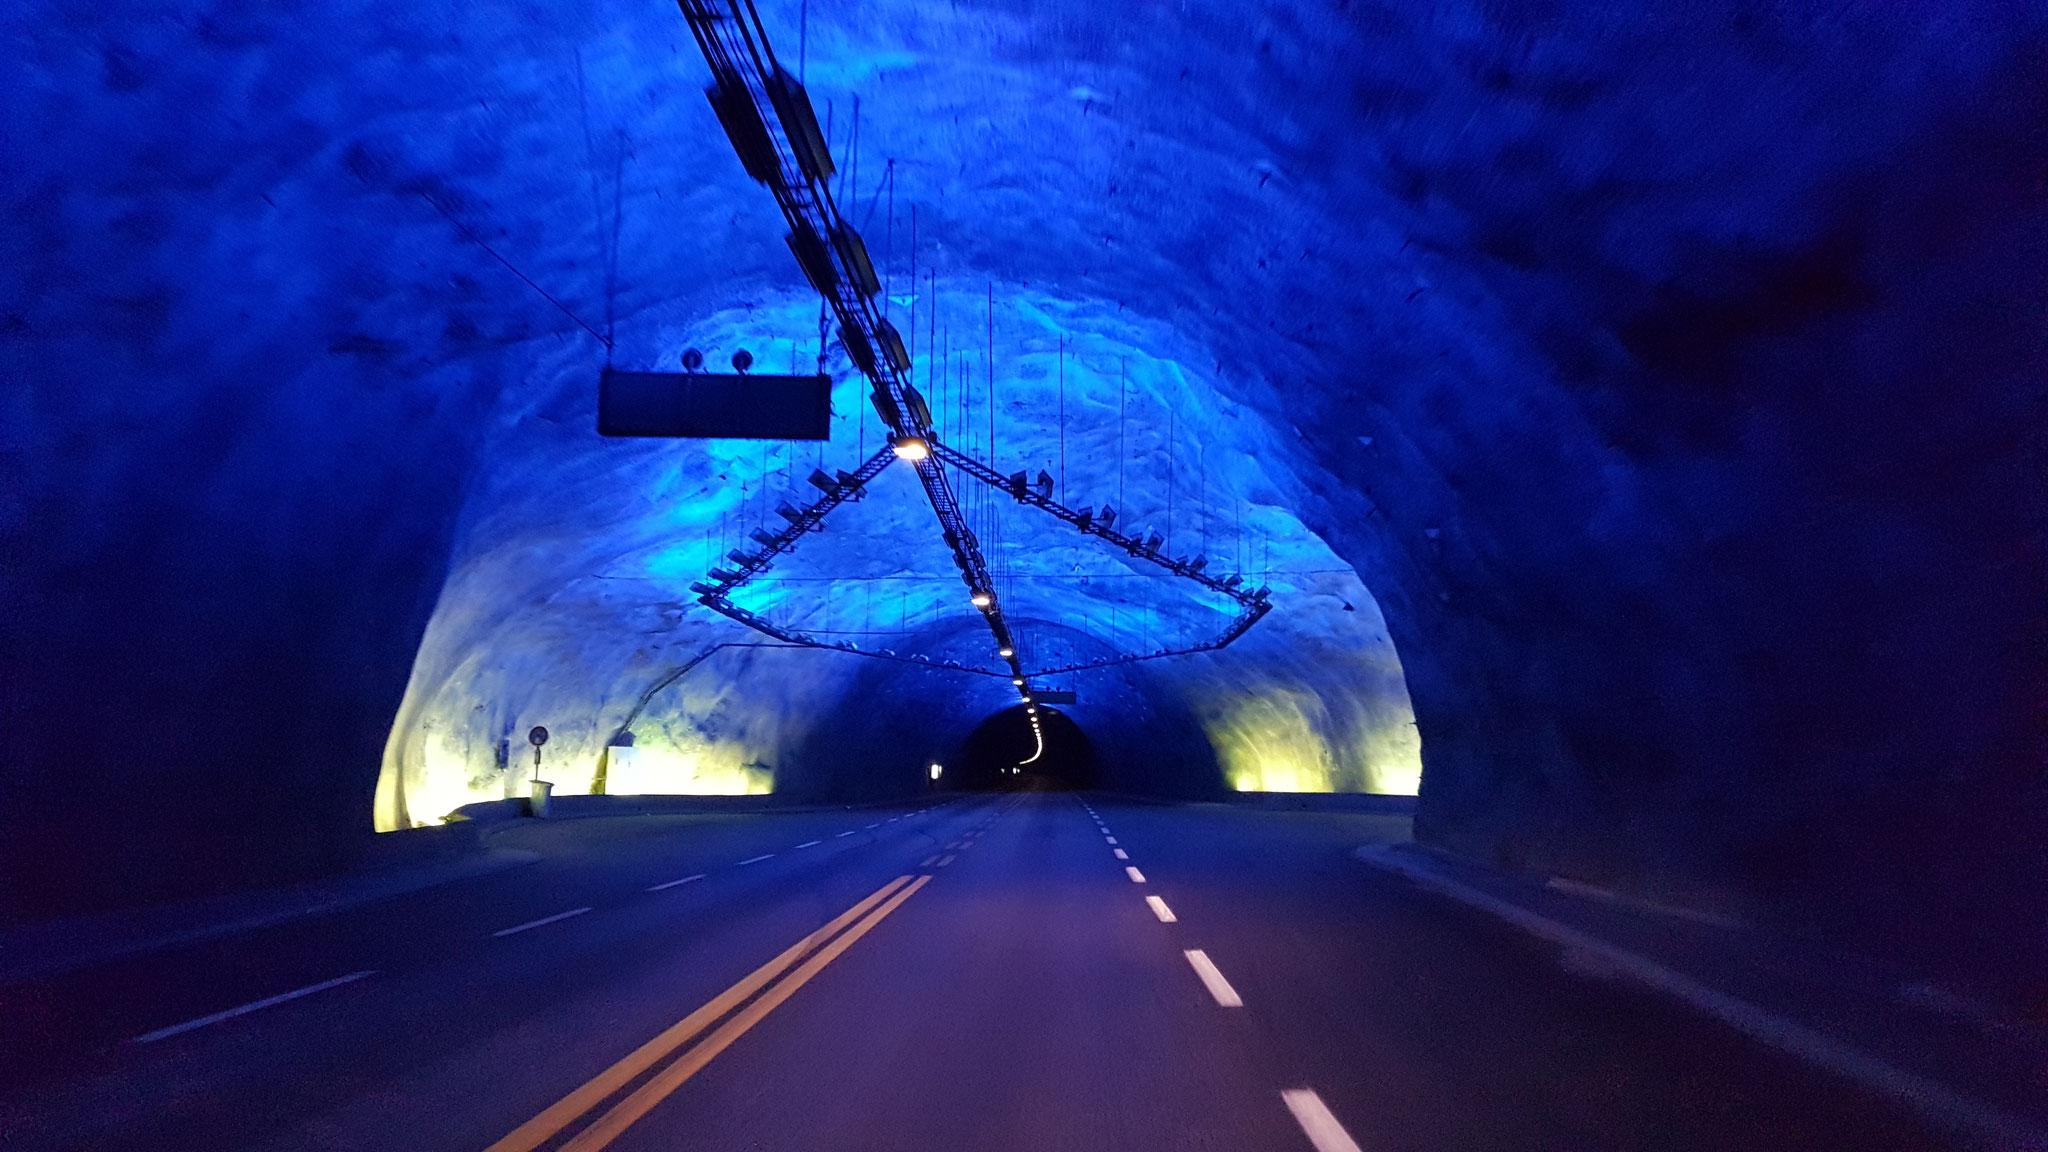 Alleine im Tunnel....